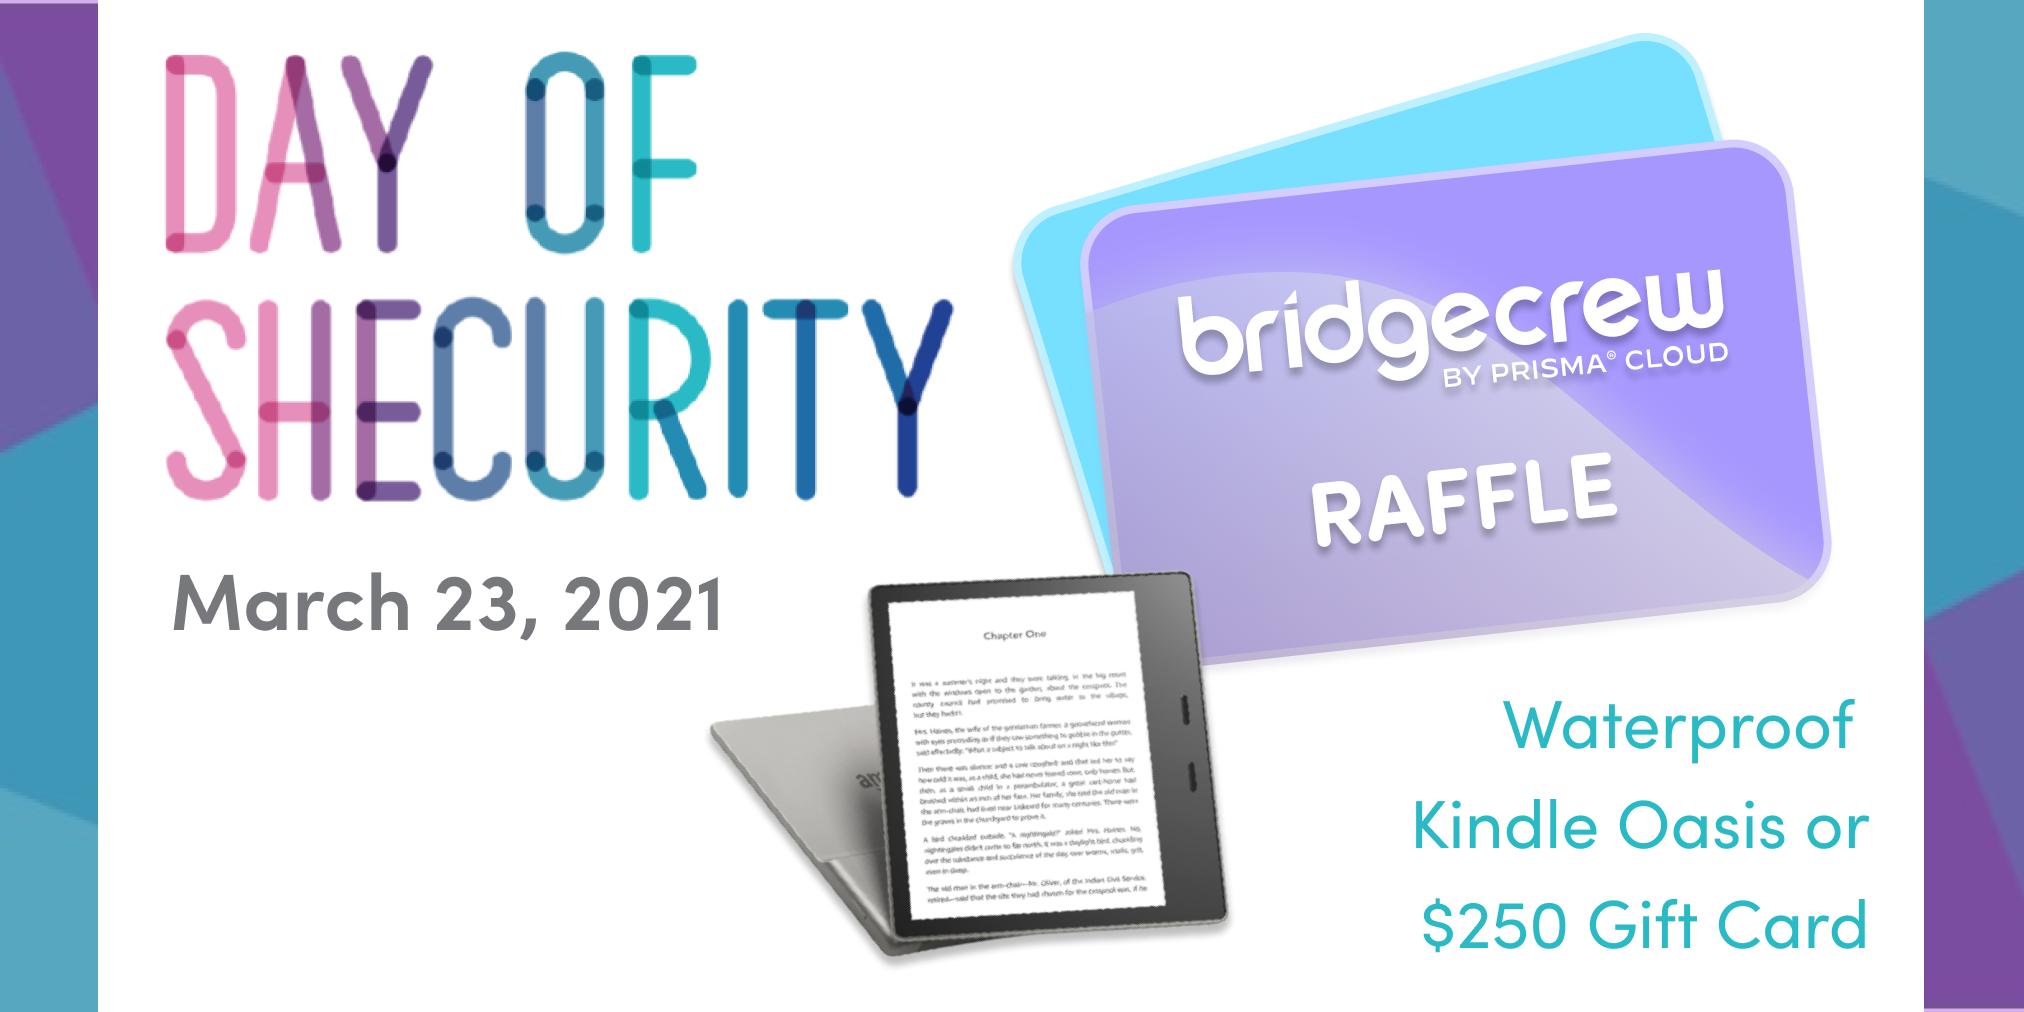 Day of Shecurity Raffle by Bridgecrew | Waterproof Kindle Oasis